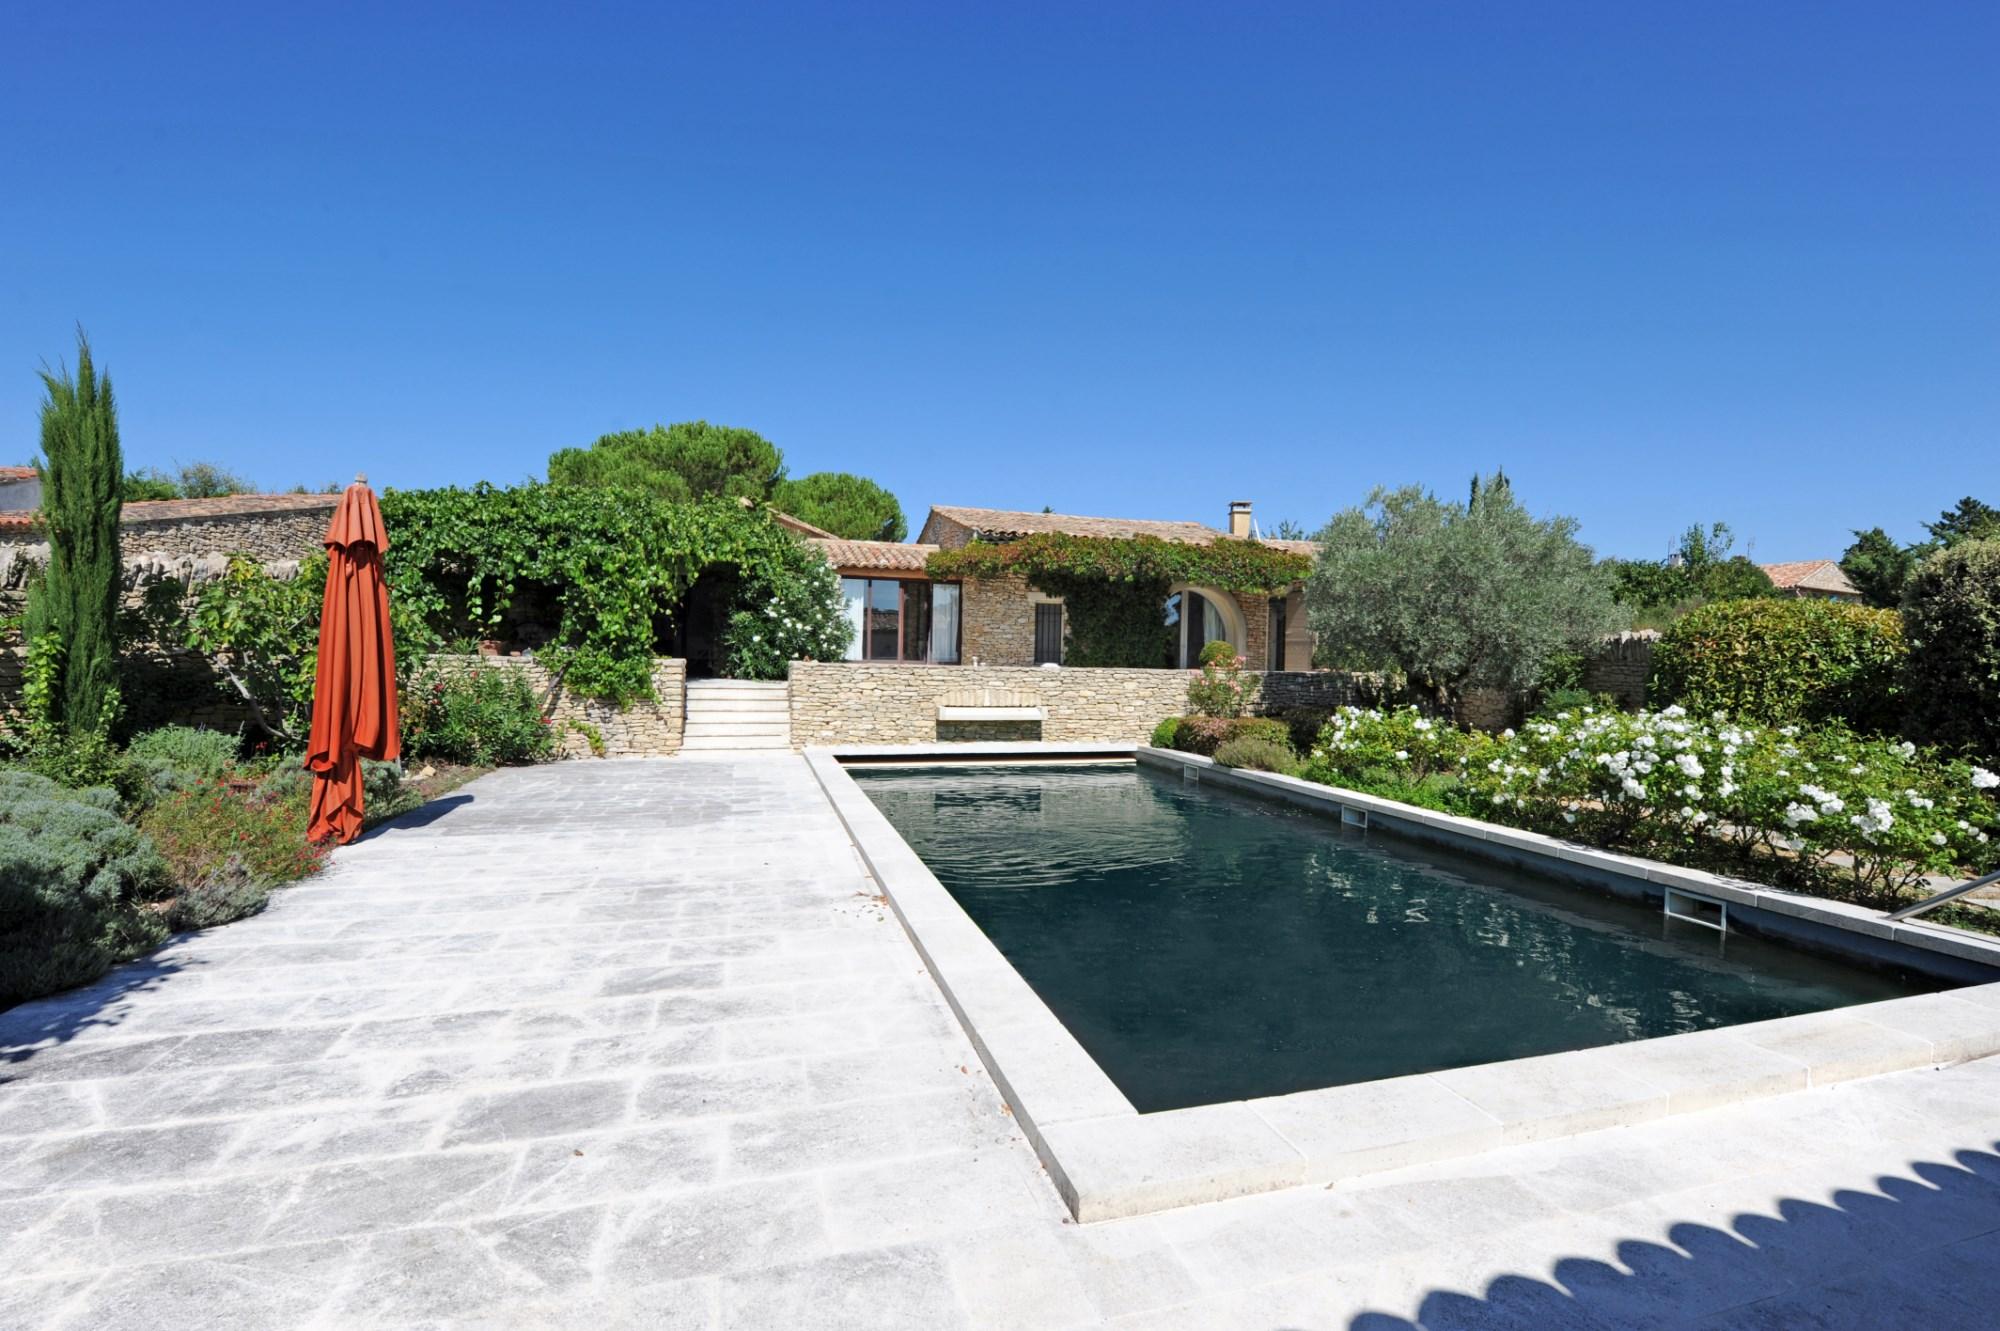 Ventes en luberon vendre belle maison proven ale en for Maison piscine jardin